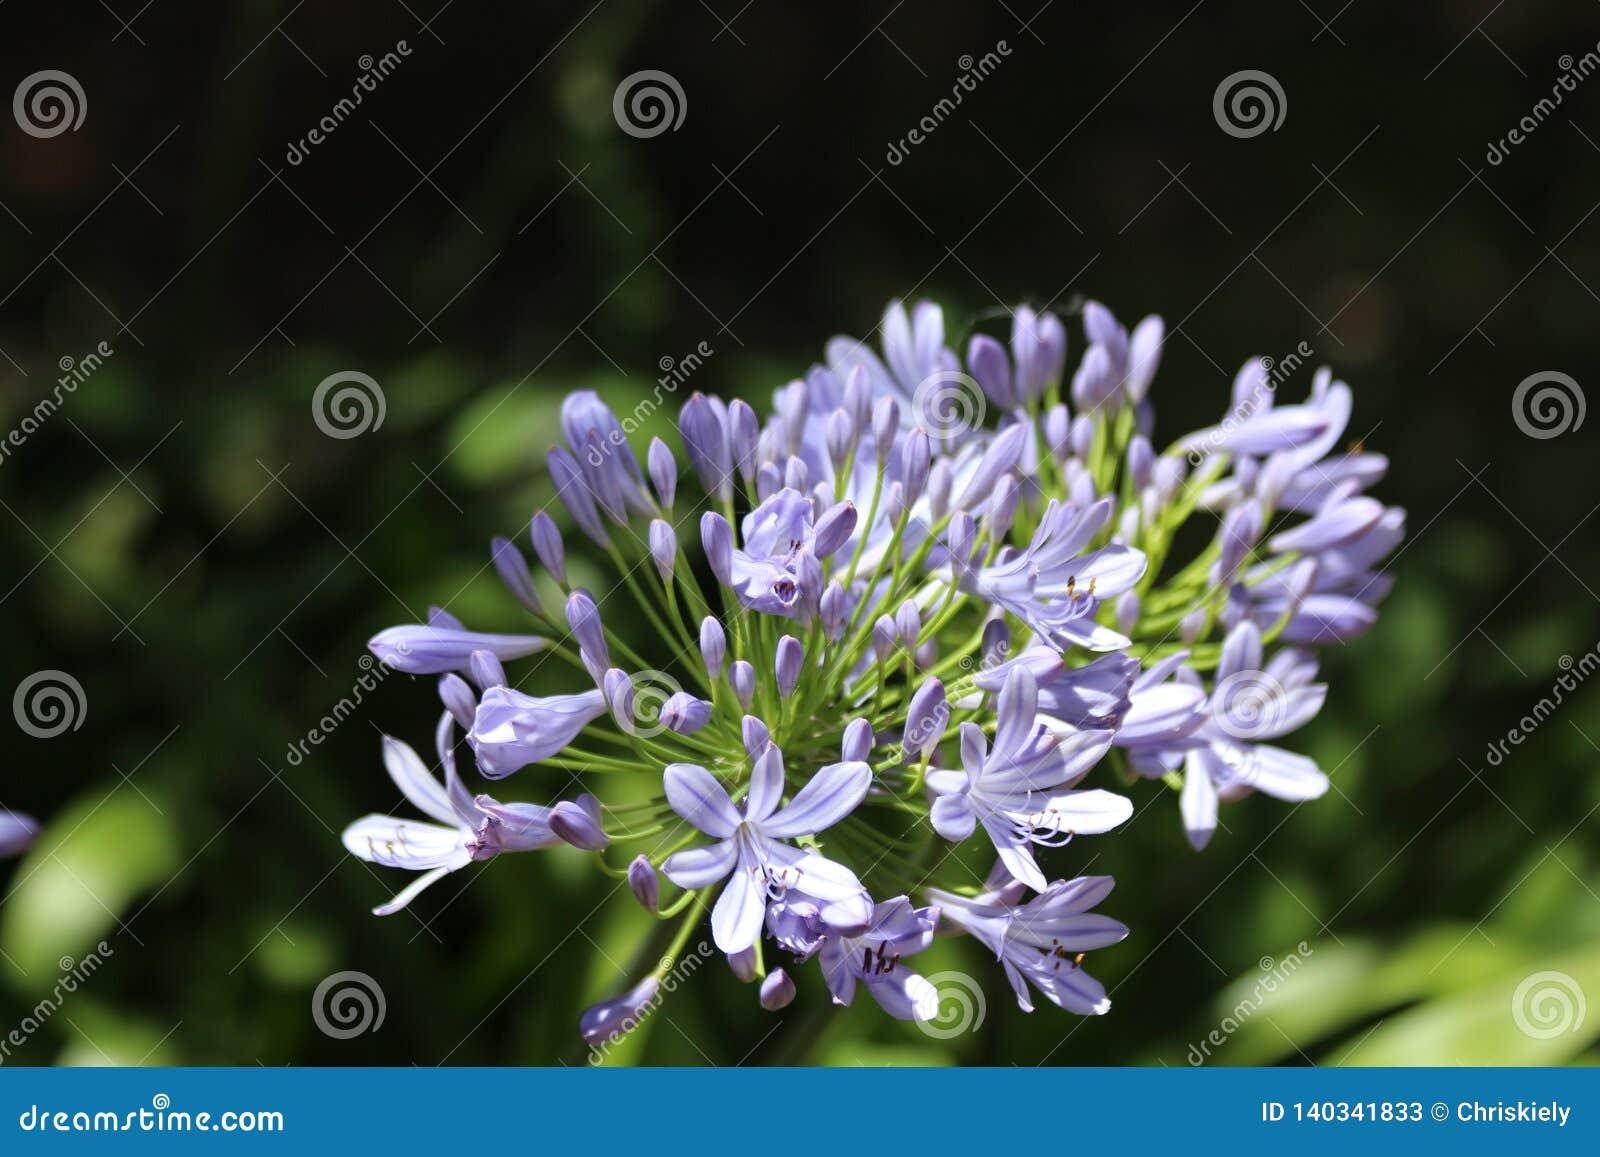 Mauve Agapanthus Flowers Stock Image Image Of Yard 140341833